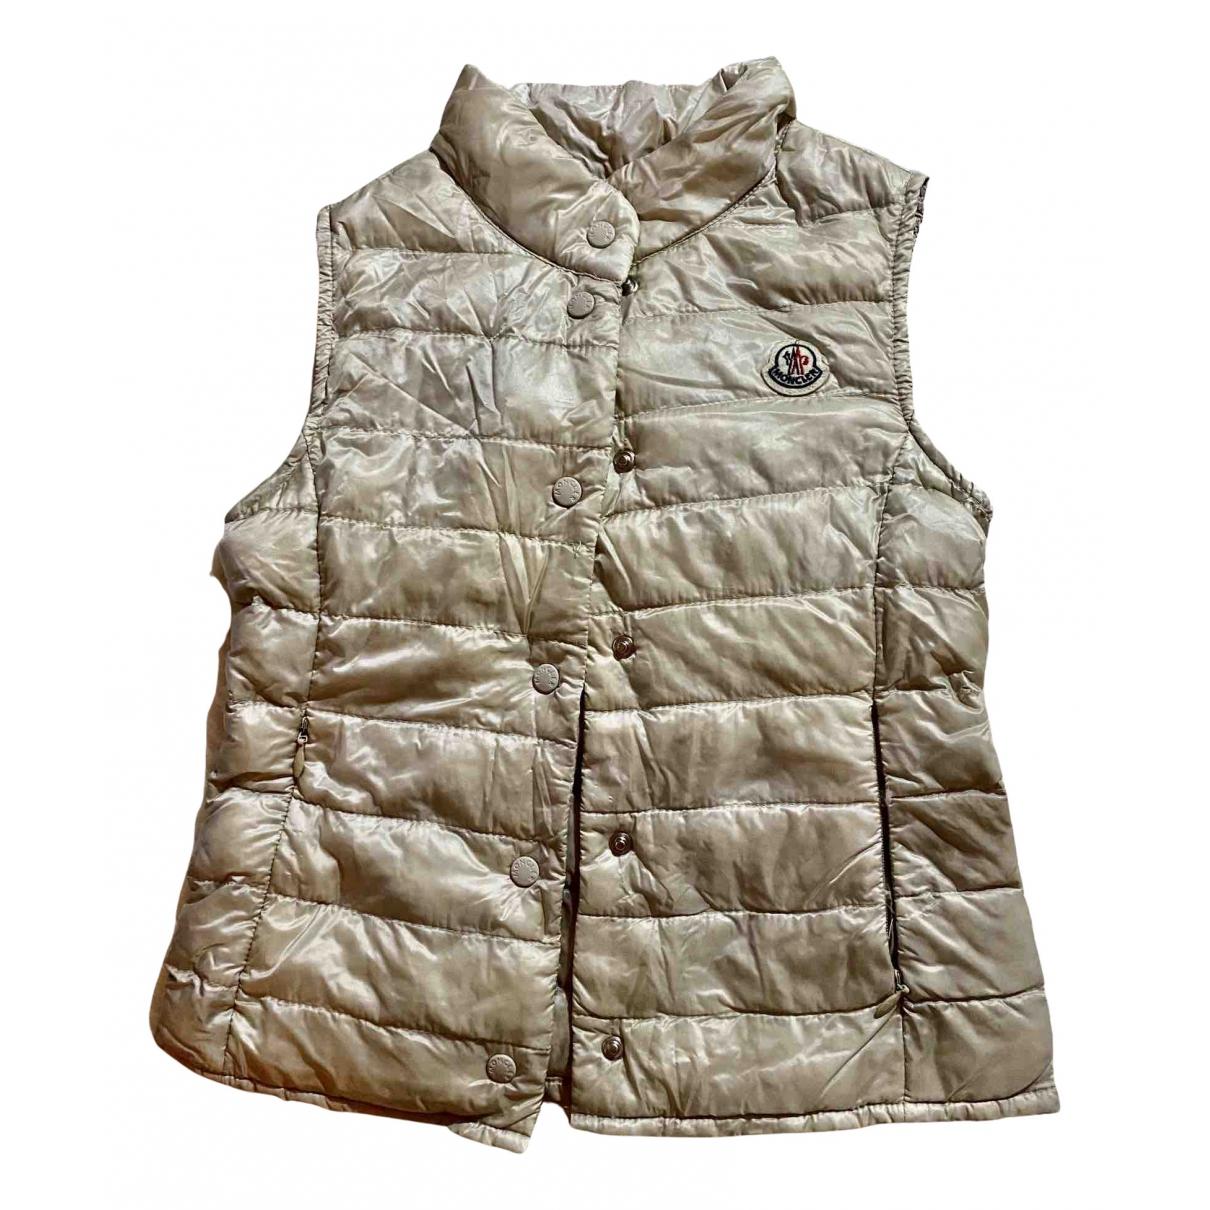 Moncler - Blousons.Manteaux Sleeveless pour enfant